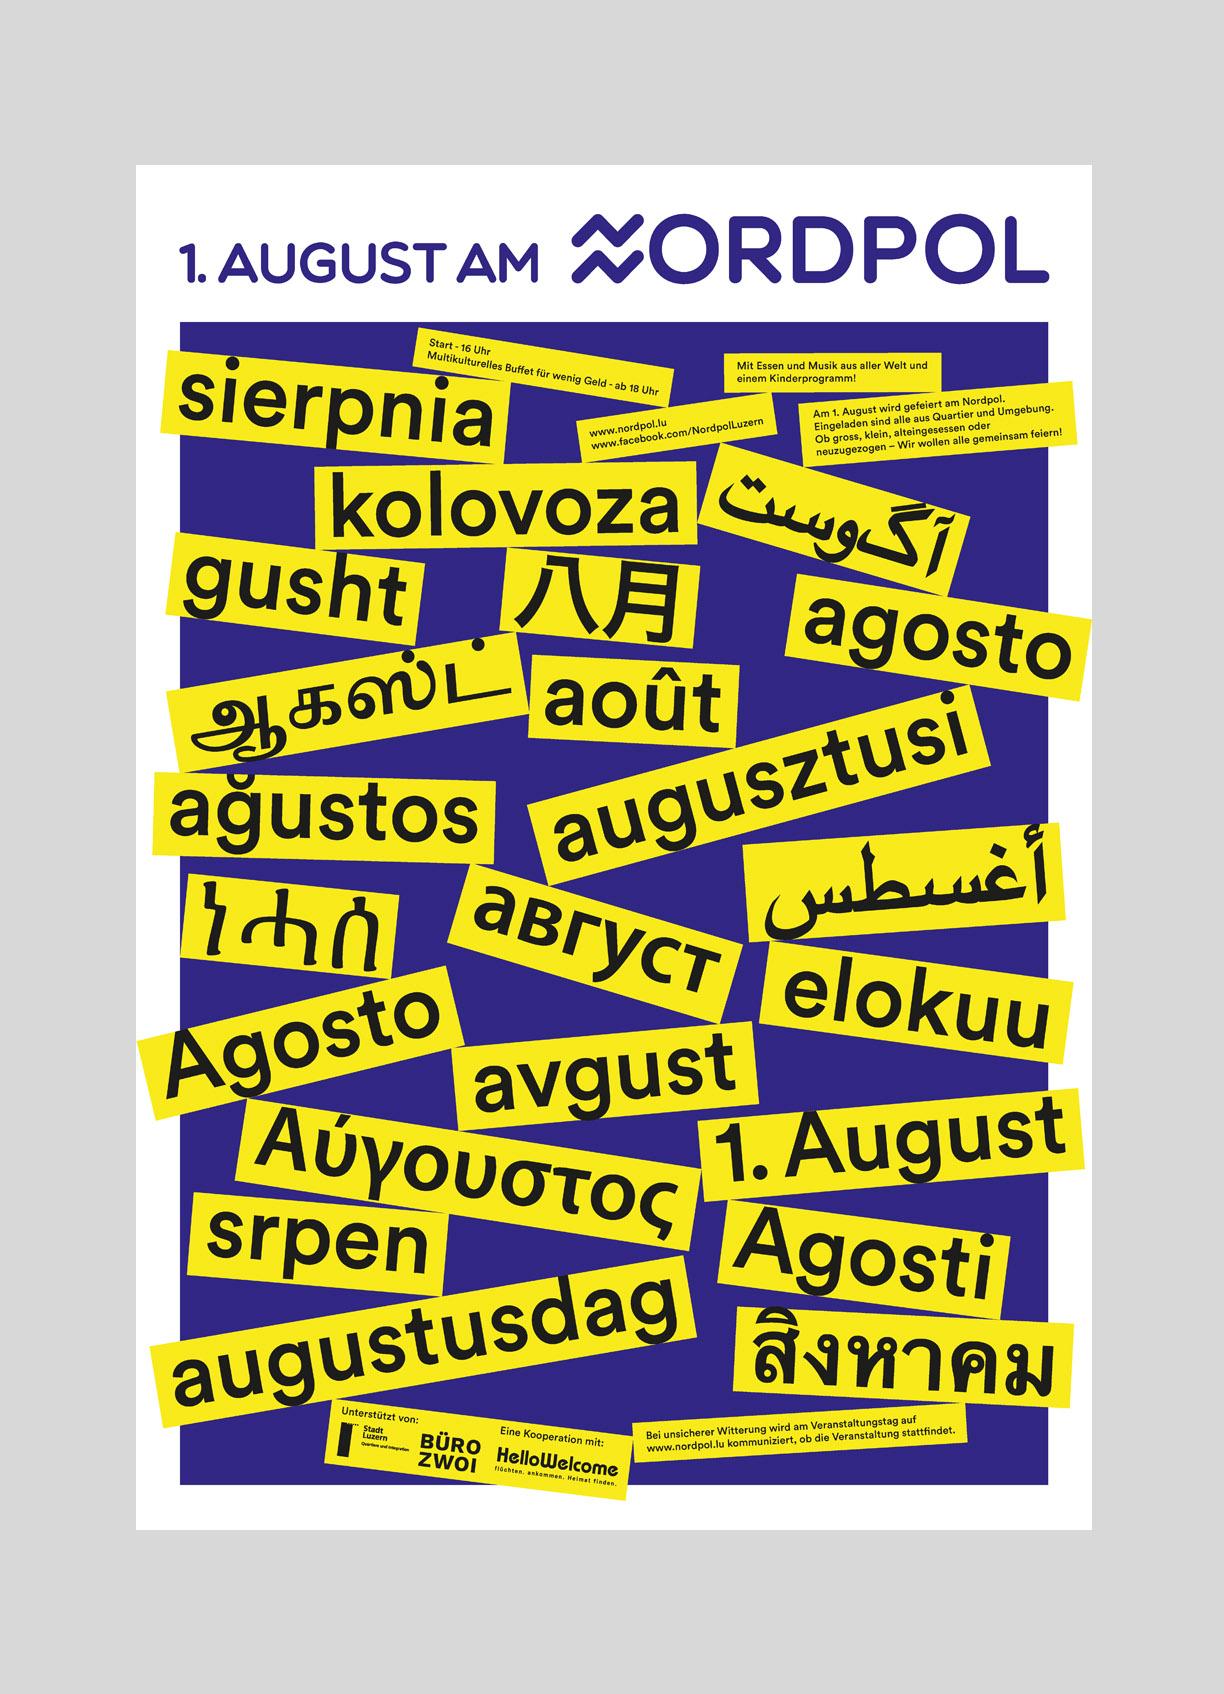 Nordpol – 1. August   2018  Die sommerbar Nordpol in Luzern lud am ersten August zum offenes Quartierfest für jung und alt.